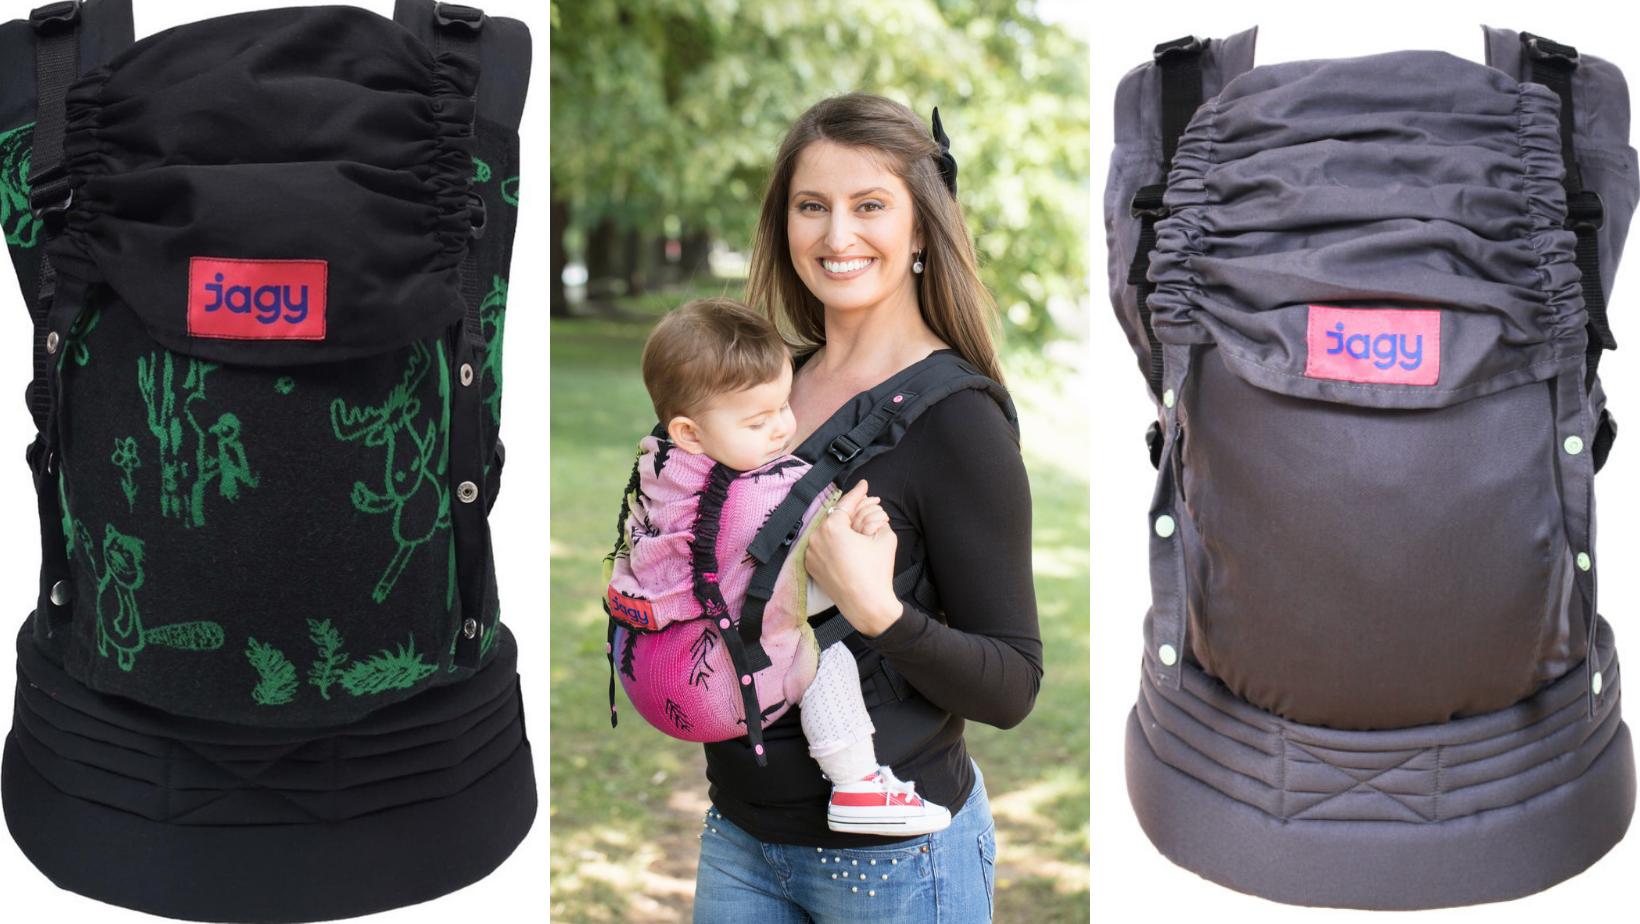 Jagy Carriers – nosiljke za bebe za najnježnije zagrljaje